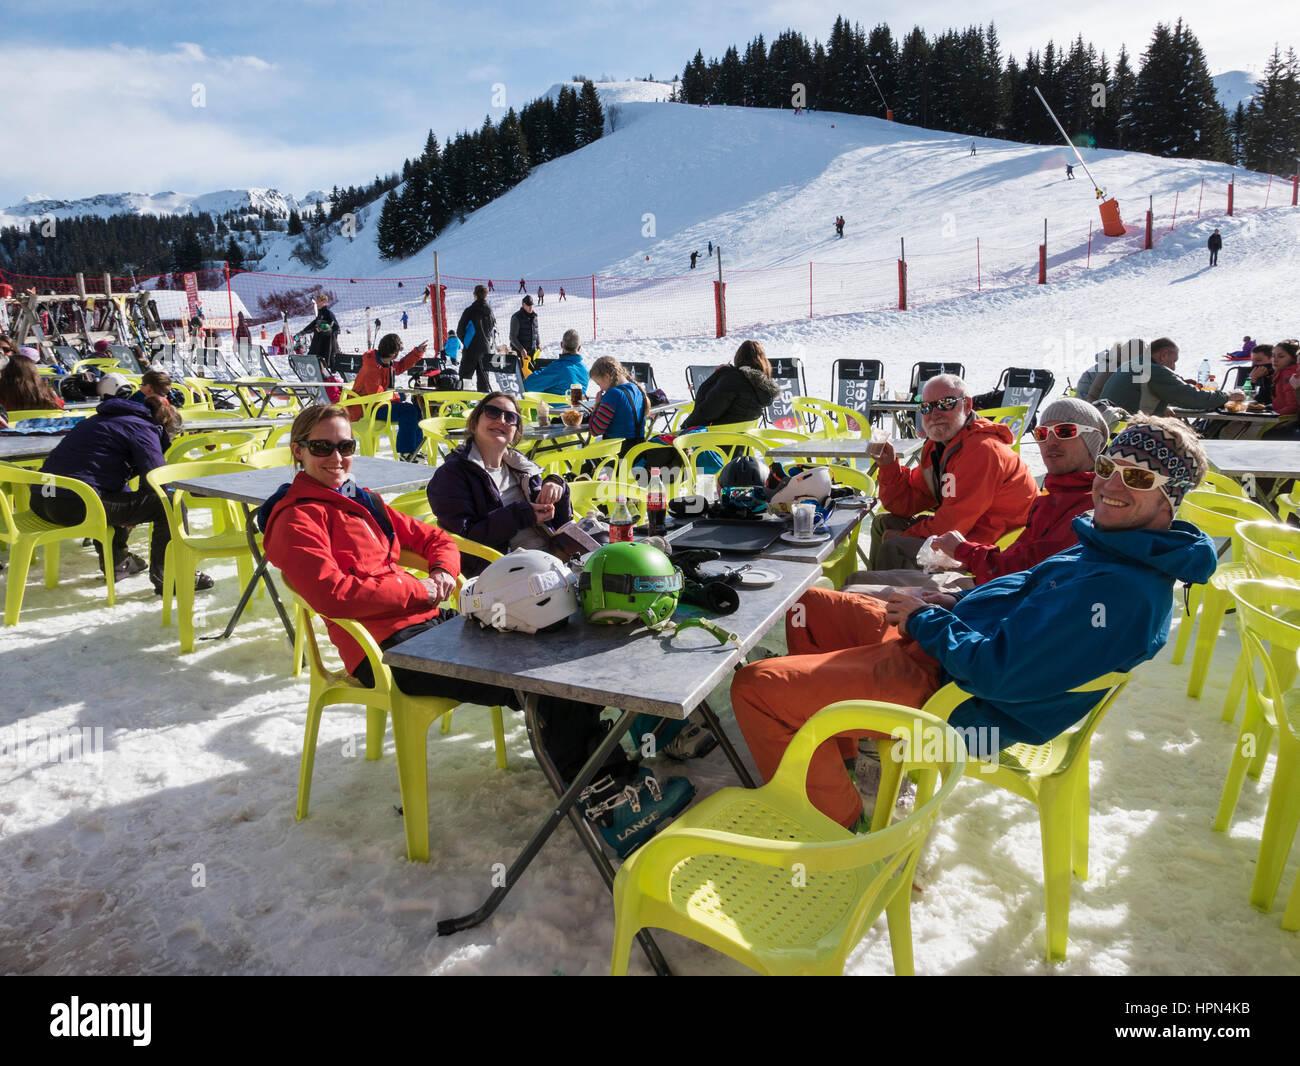 Familiares y amigos de los esquiadores en invierno vacaciones disfrutando del sol restaurantes fuera de un restaurante Imagen De Stock